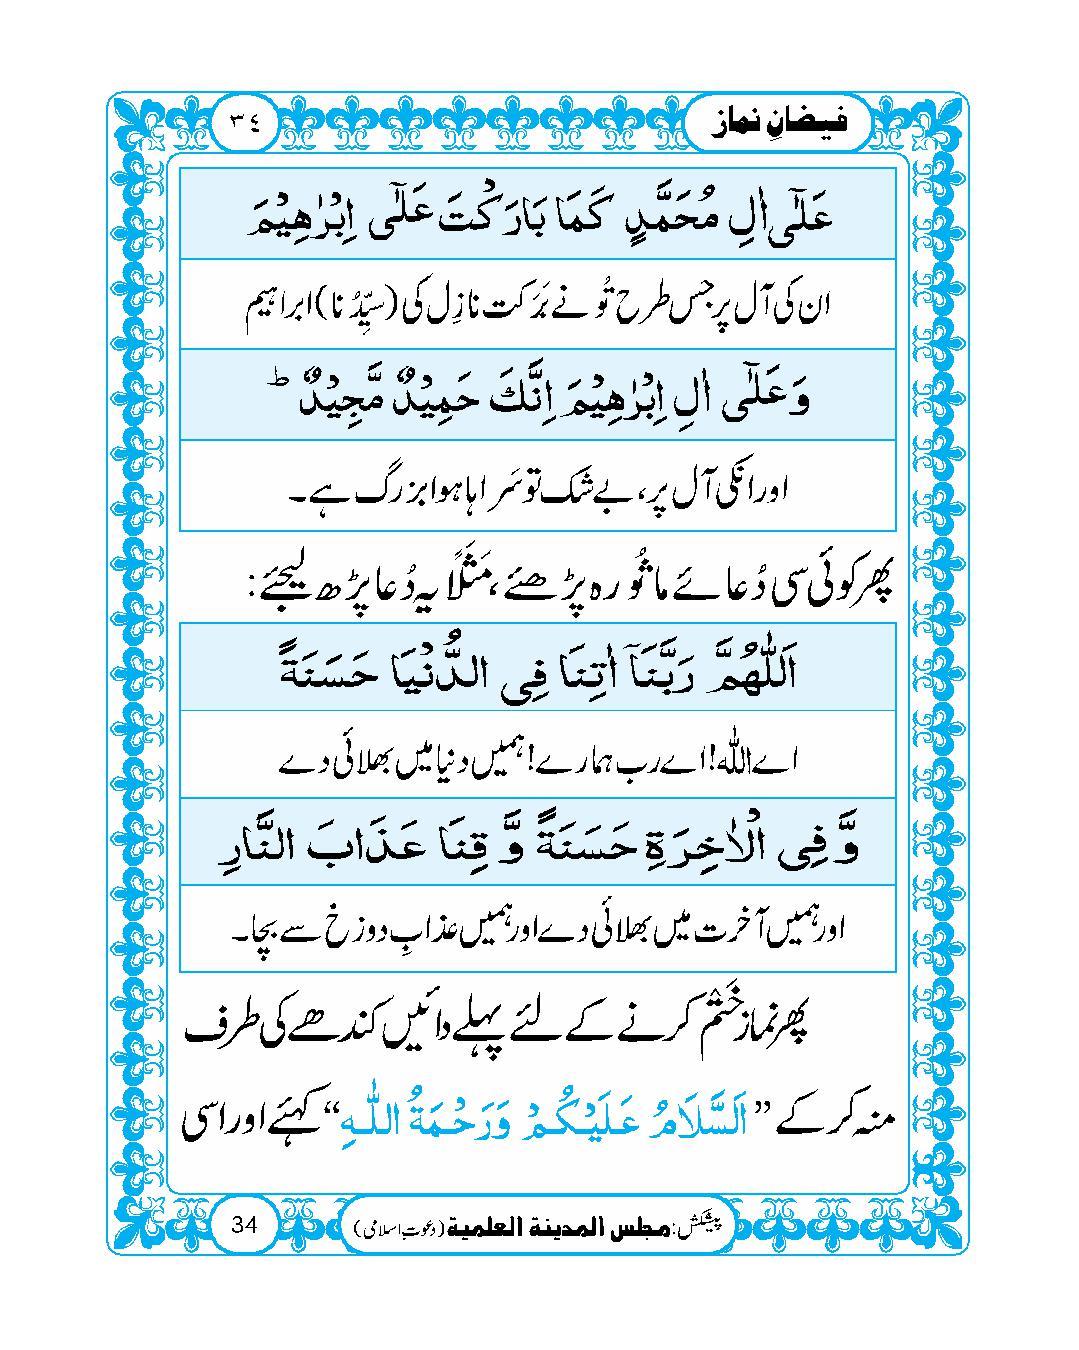 page No 34